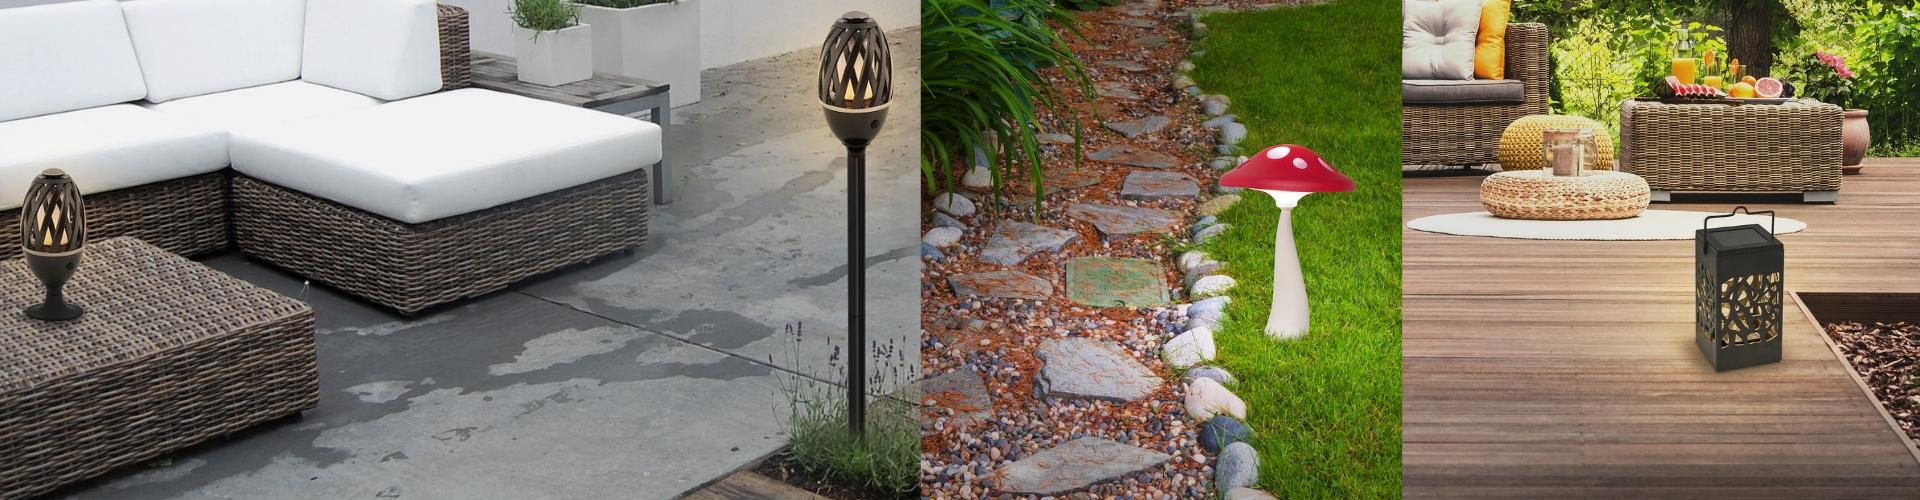 Vanjske dekorativne svjetiljke